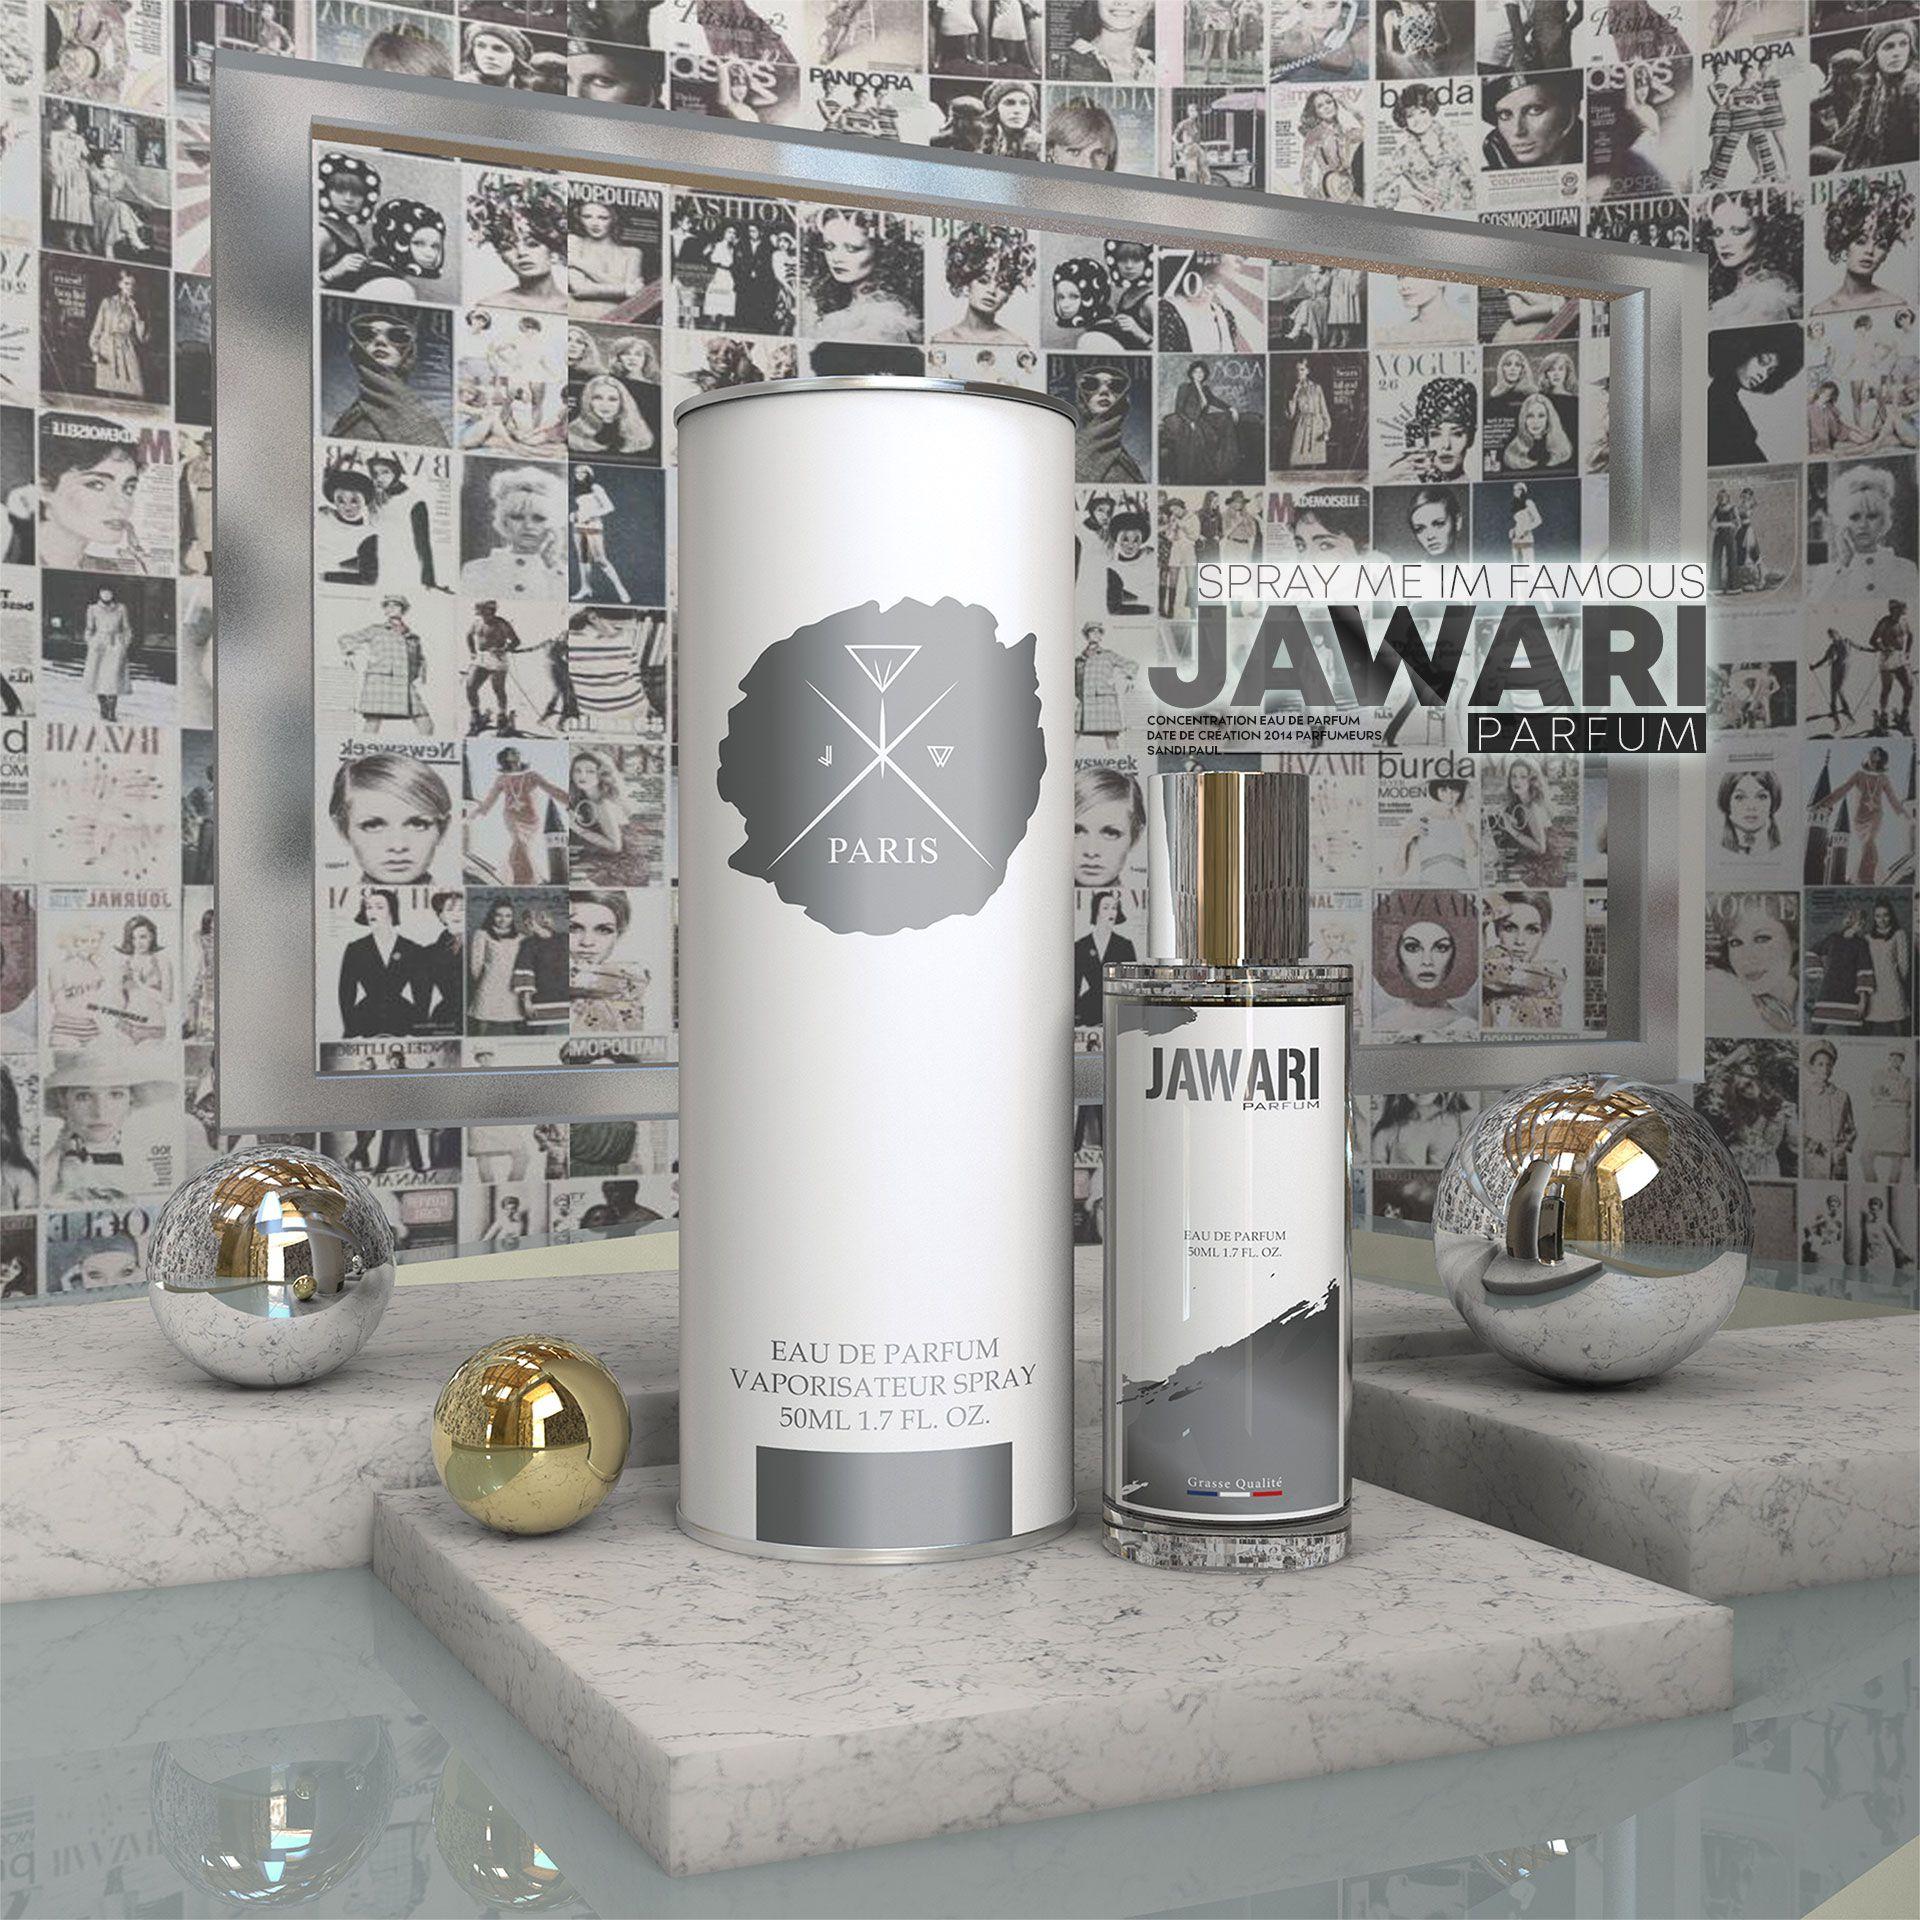 Cher Jawari FemmeHommeOrigines Maroc Parfum Pas dWxeQErBCo